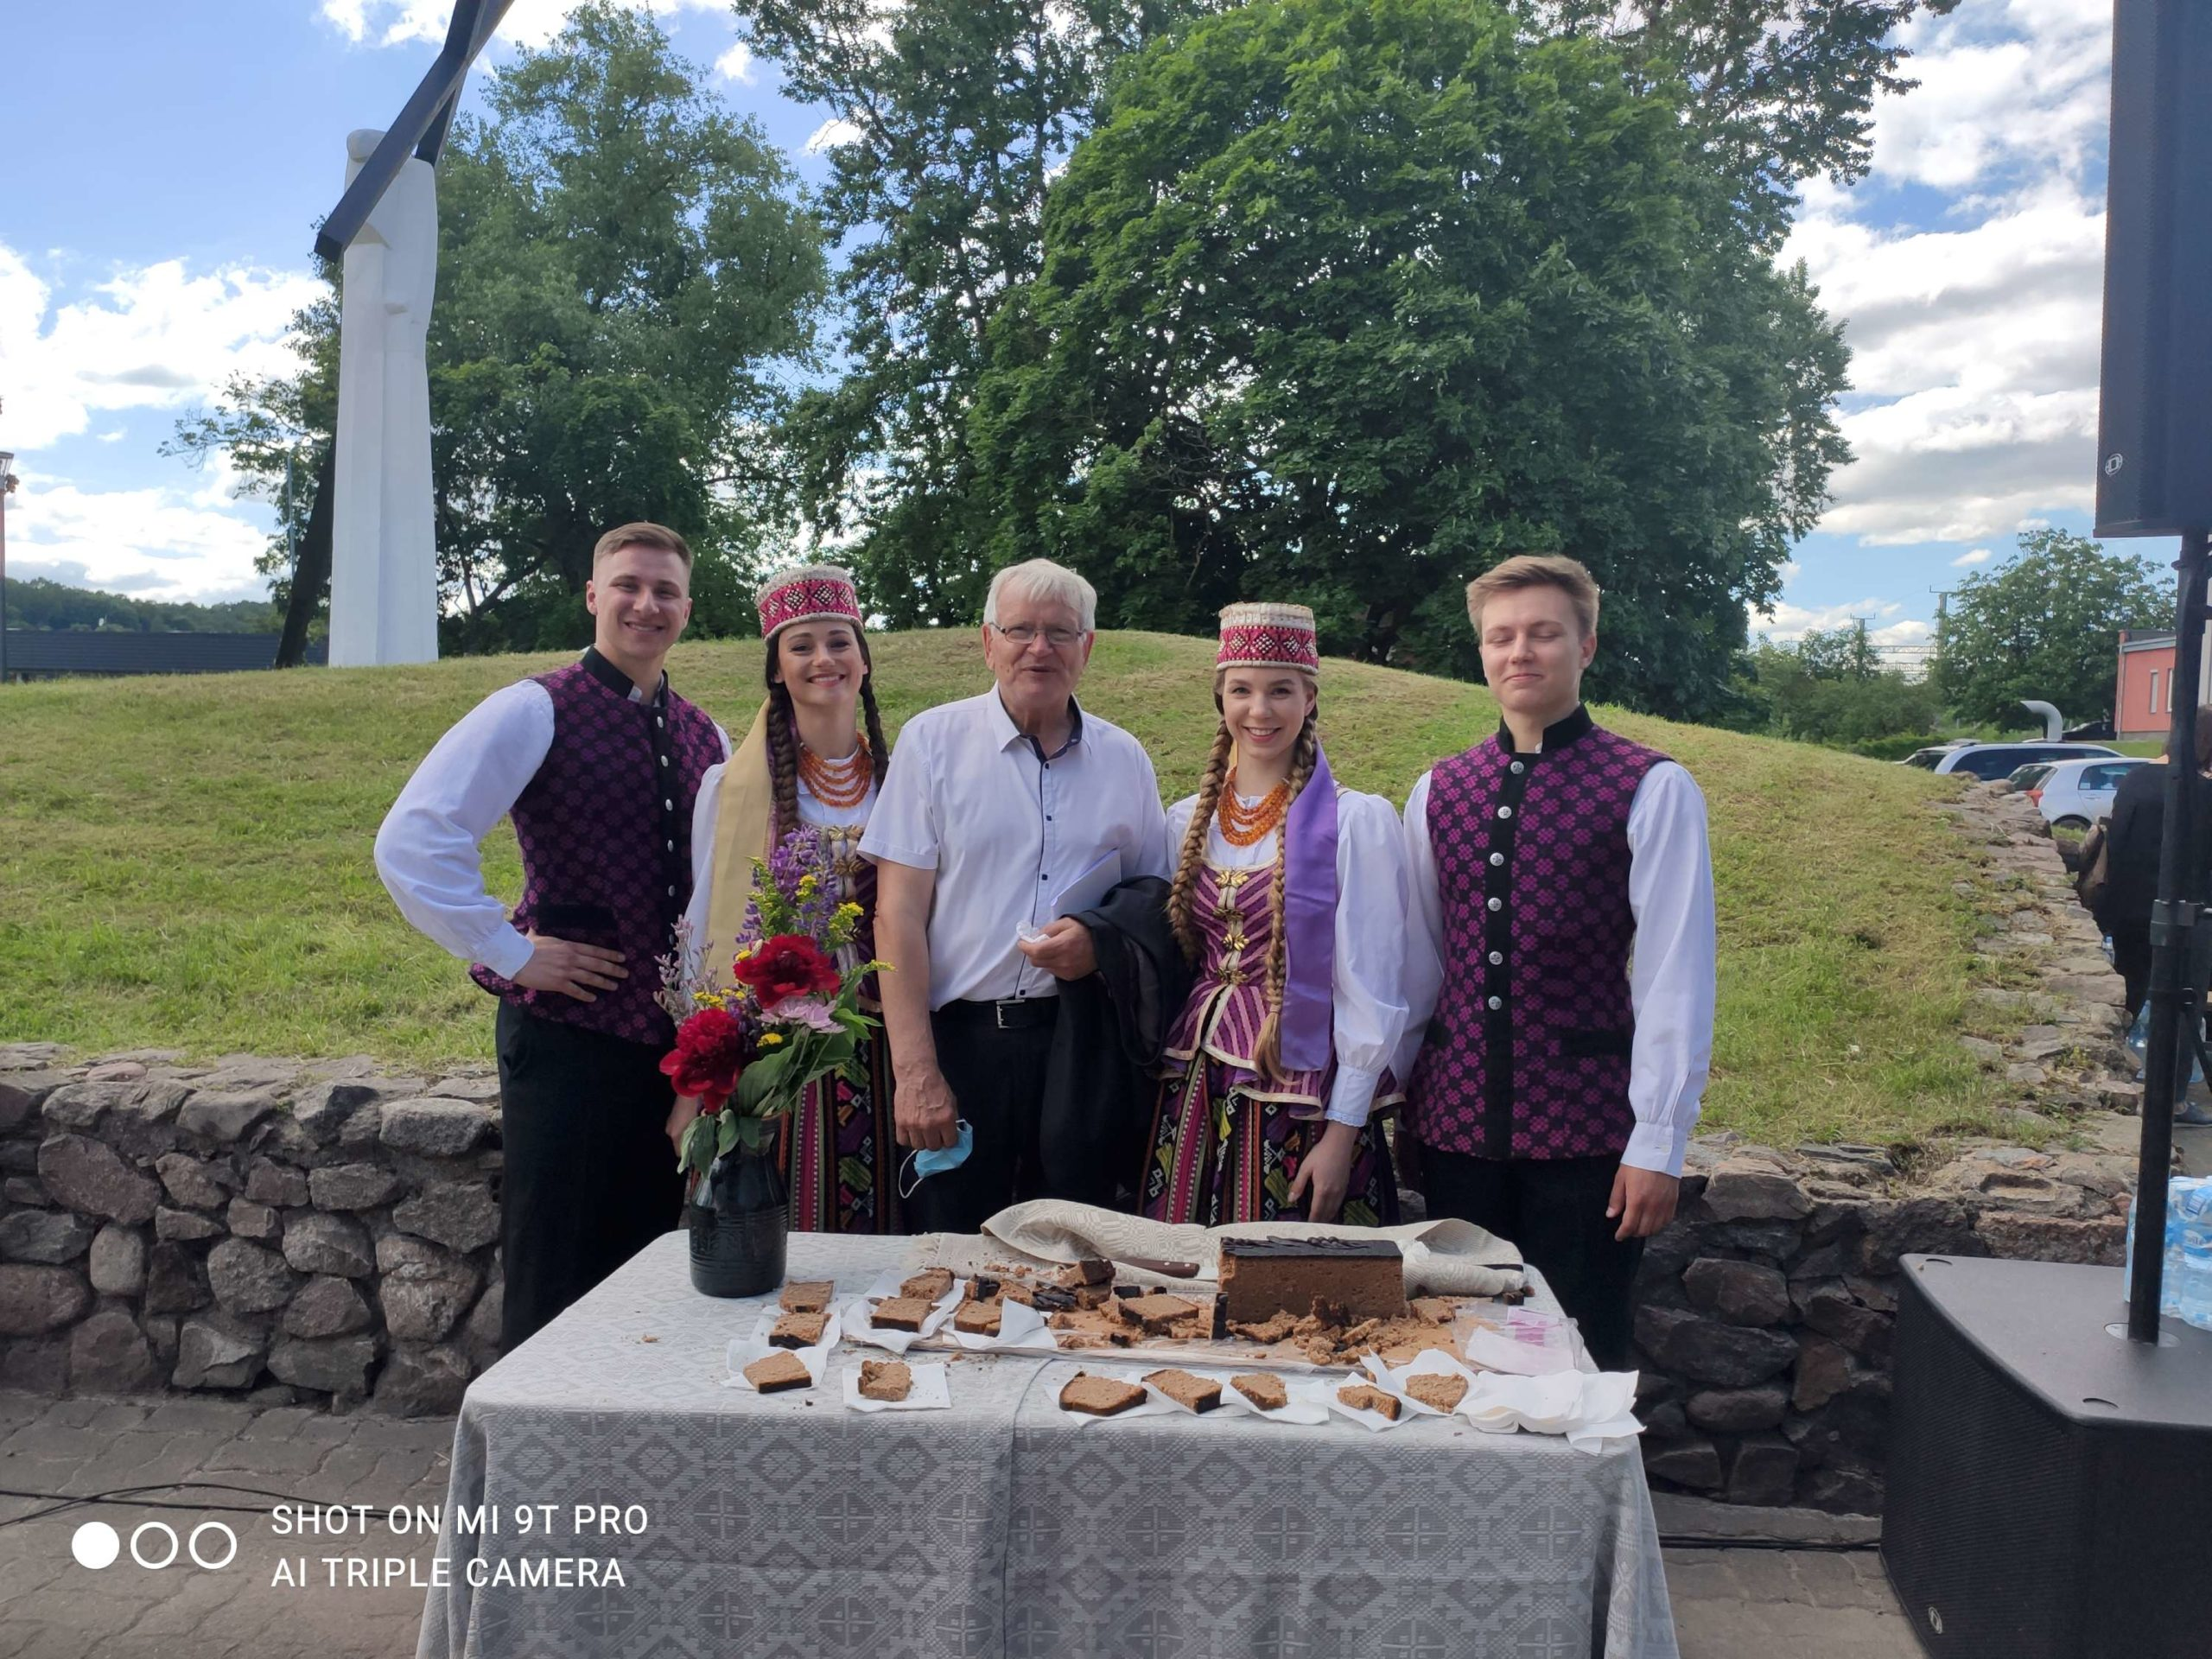 Minėjimas birželio 14 d. prie N.Vilnios geležinkelio stoties. Prie kunigo Ričardo Doveikos palaimintos duonos, kurią suraikė tautiniais rūbais pasipuošę vaikinai ir merginos. Centre - Vilniaus tremtinių bendrijos pirmininkas Albinas Gutauskas   I. Tumavičiūtės nuotr.